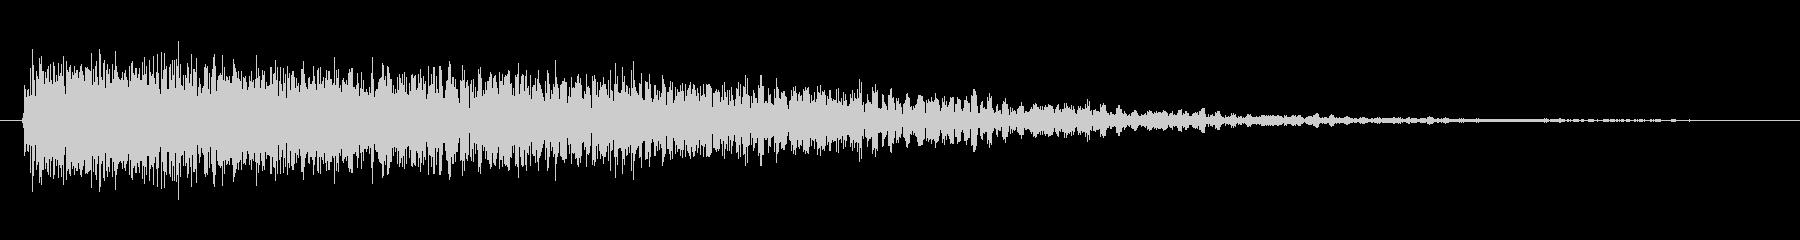 素材 ドリームピアノ01の未再生の波形